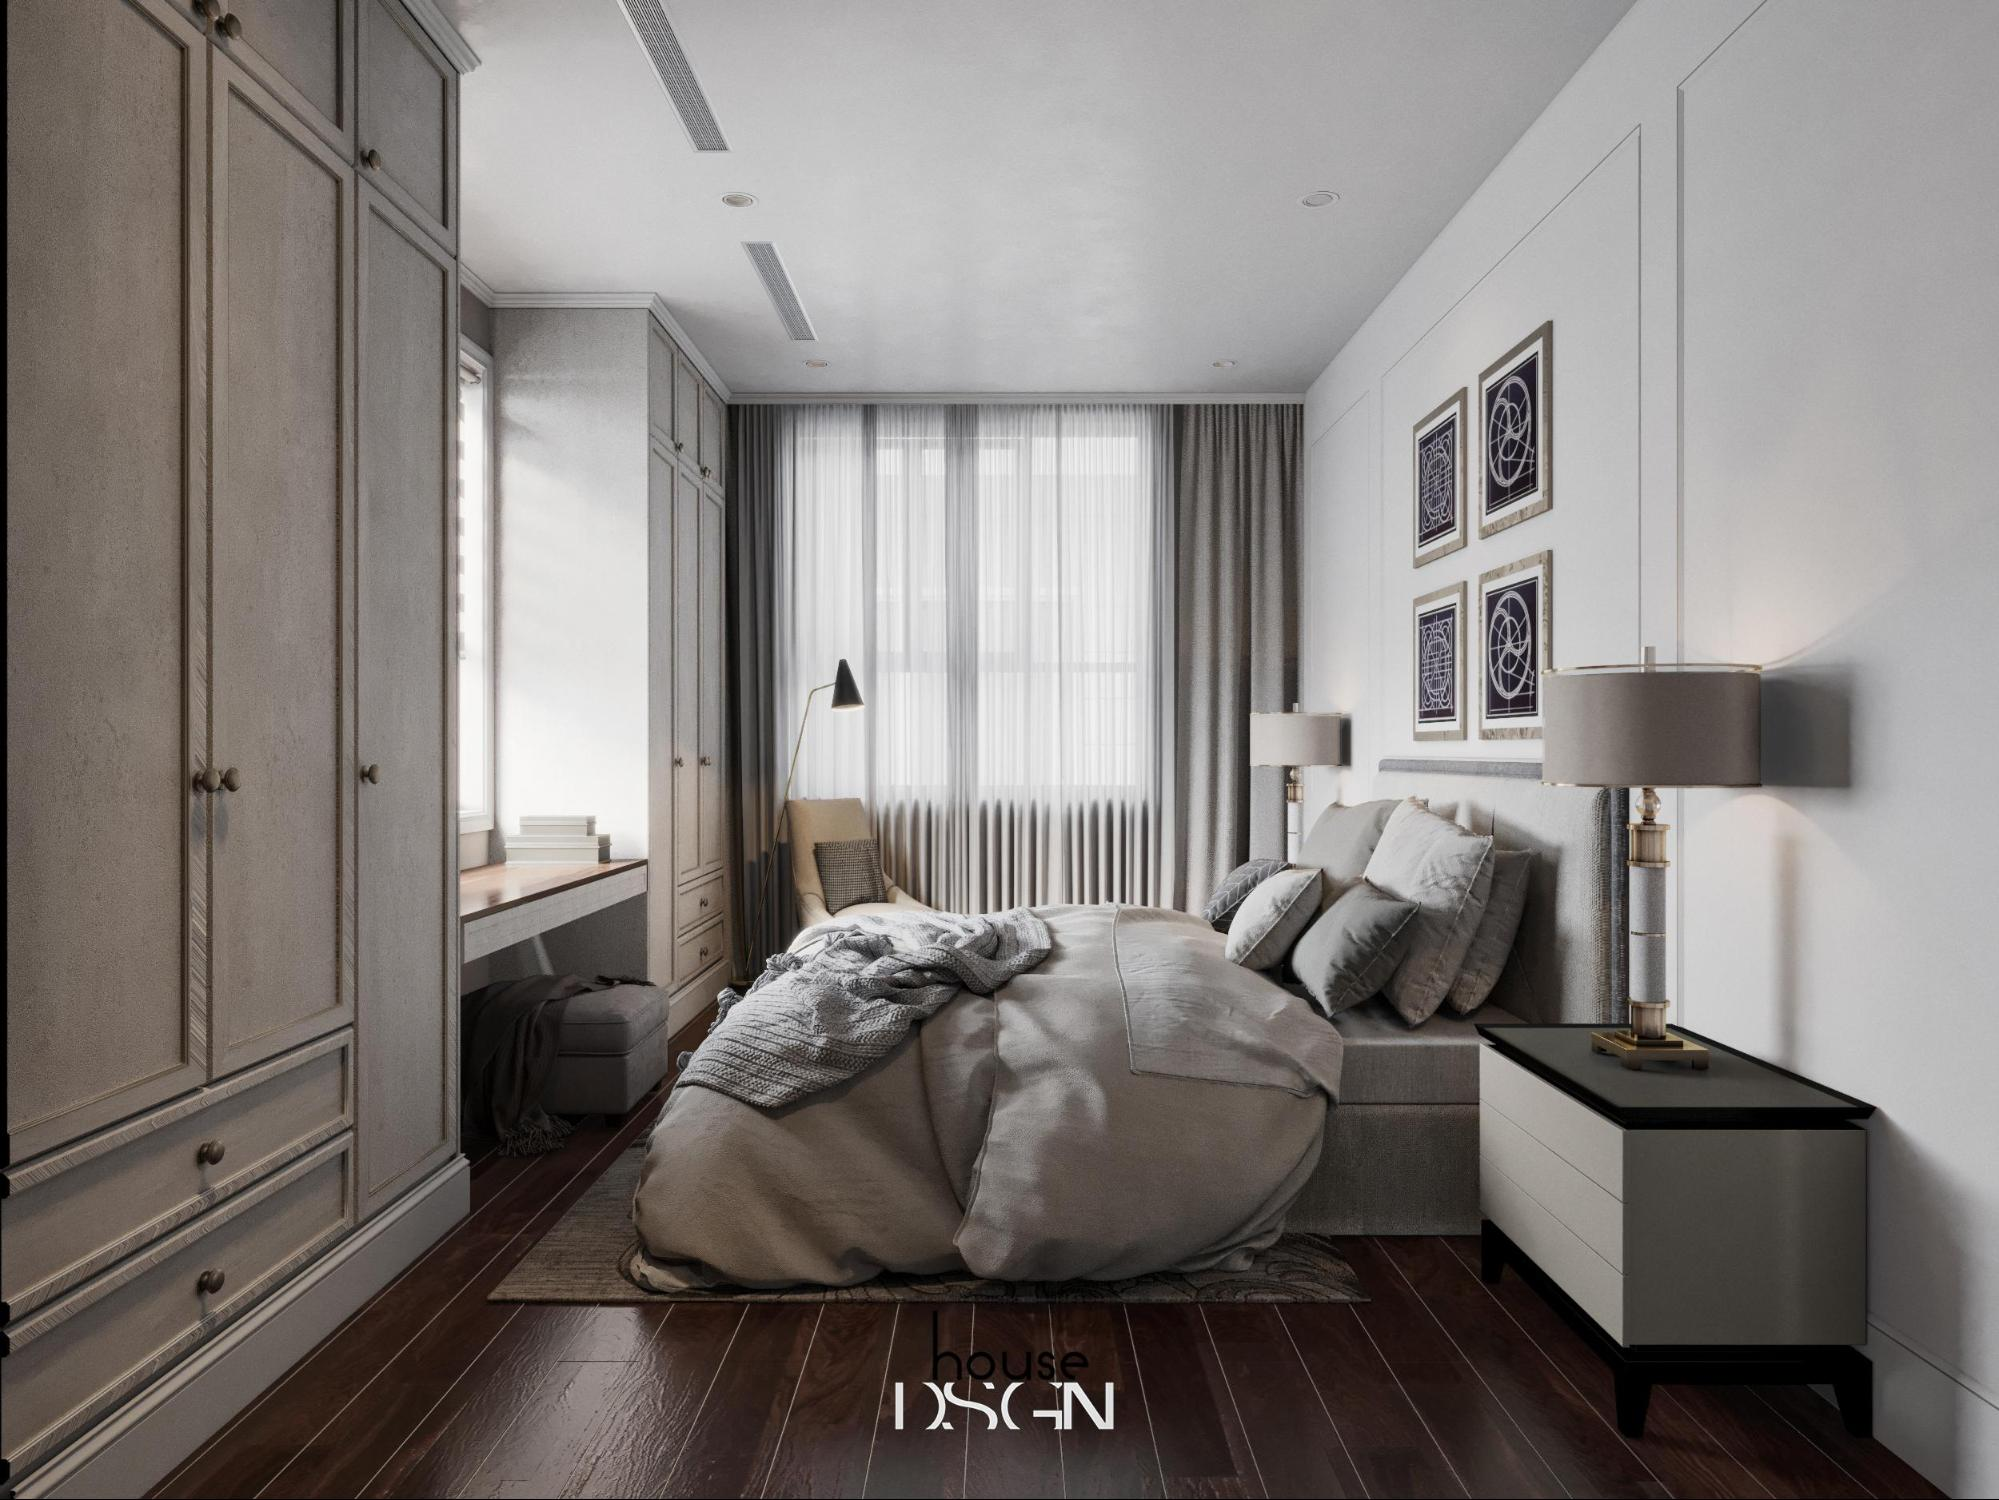 phòng ngủ trang trí nội thất châu âu